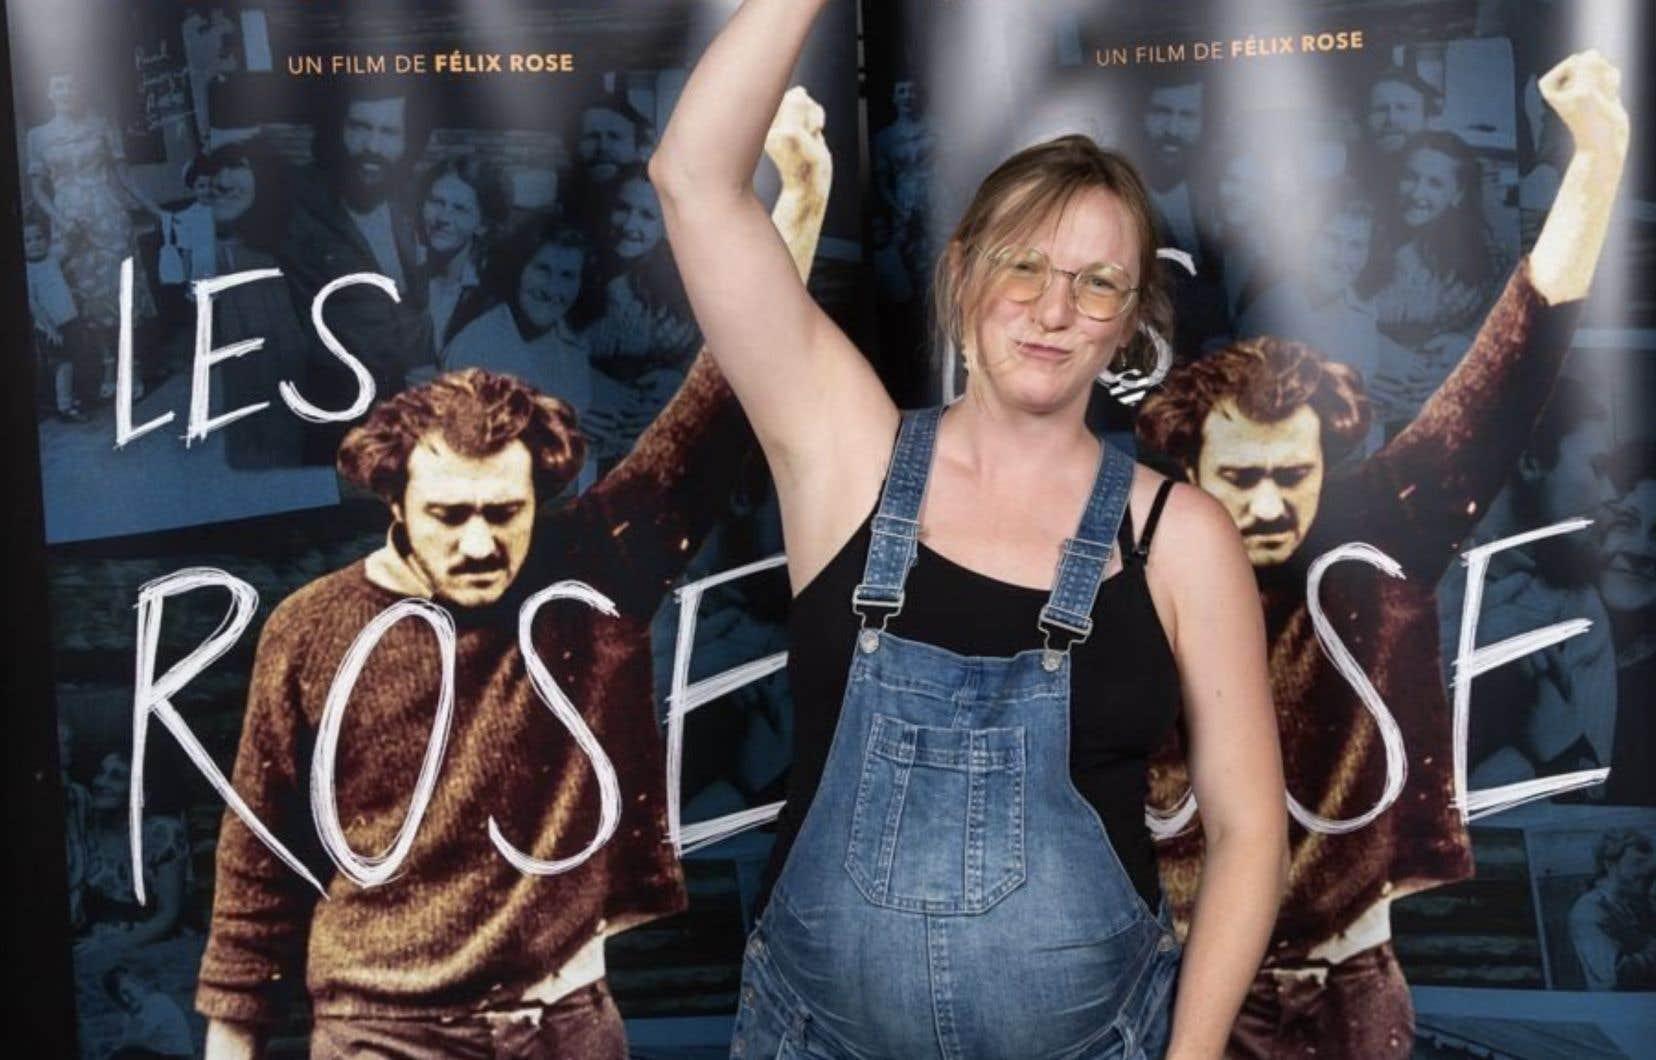 La députéeCatherine Dorion a brandi le poing lors du lancement du documentaire «Les Rose » à Québec.